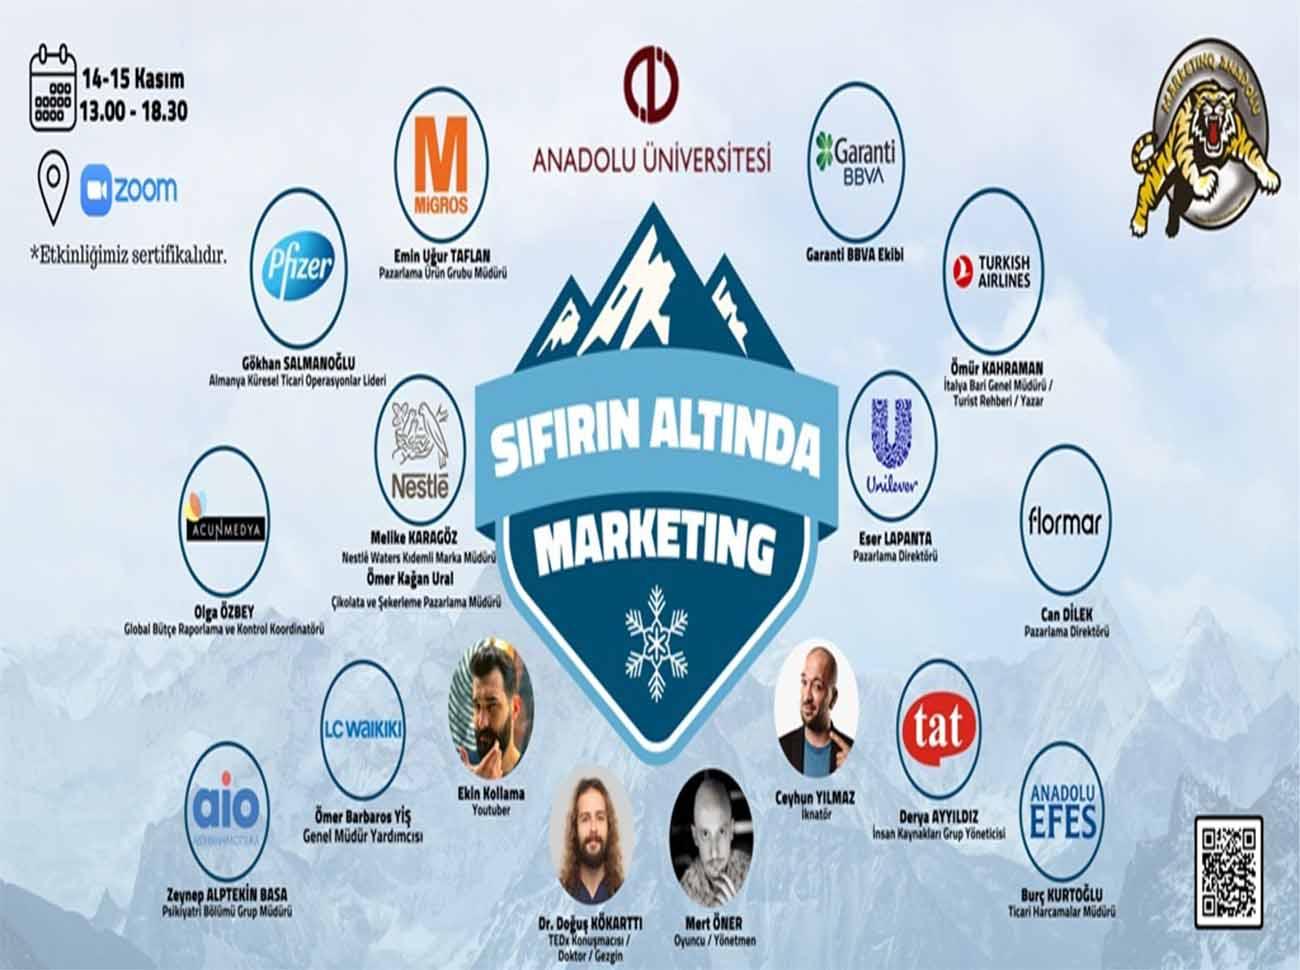 Sıfırın Altında Marketing İçin Geri Sayım